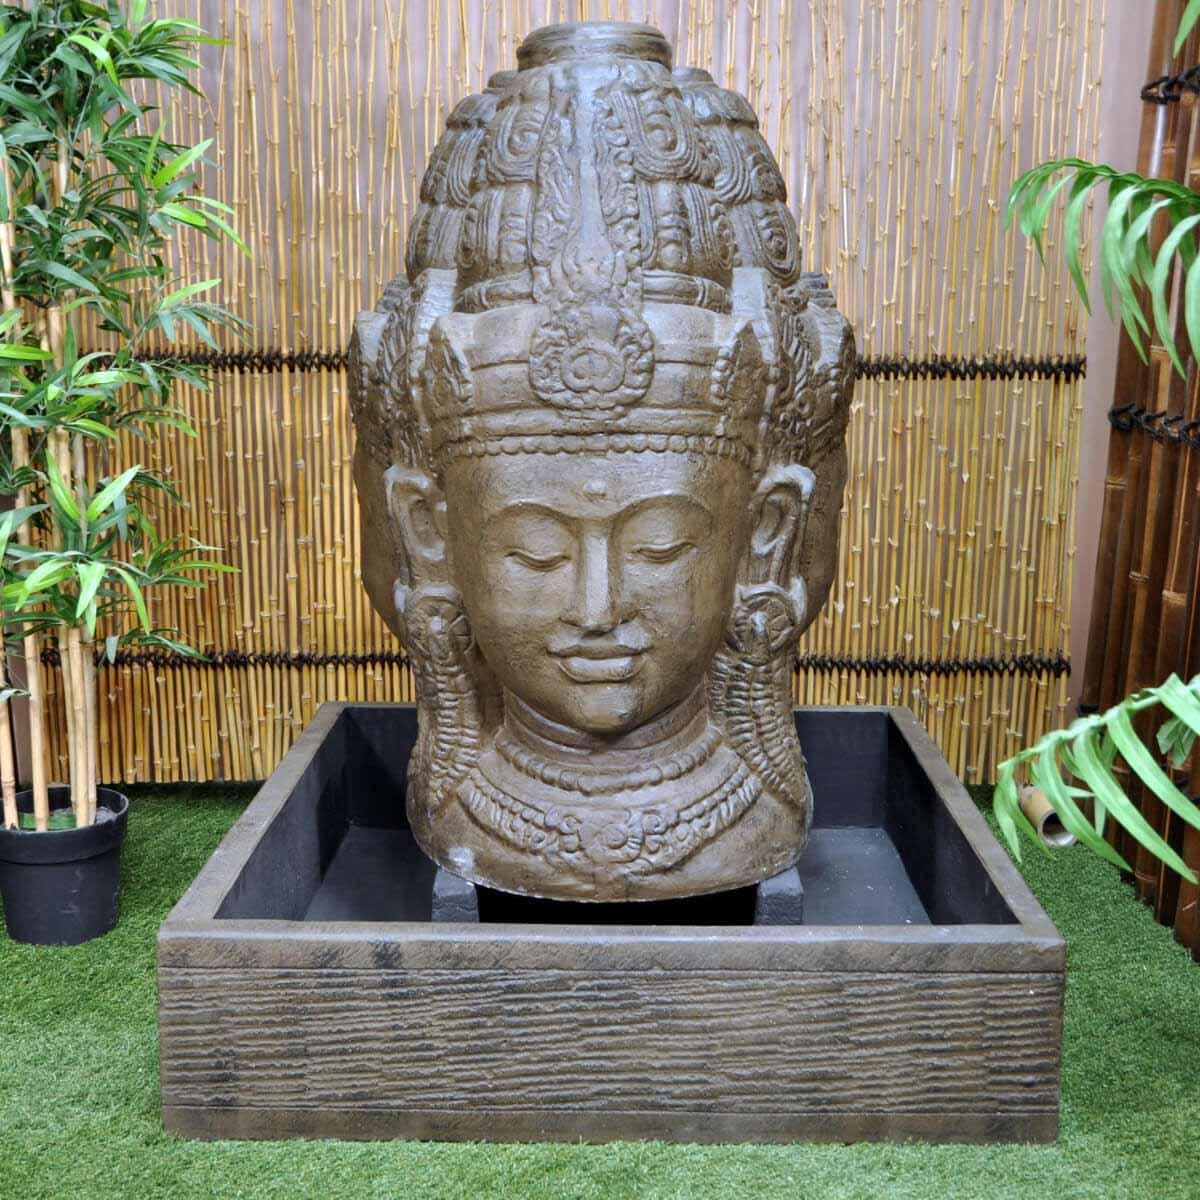 Fontaine de jardin fontaine avec bassin visage de d esse dewi trimurti brun antique h 1 m 30 for Fontaine de jardin niagara